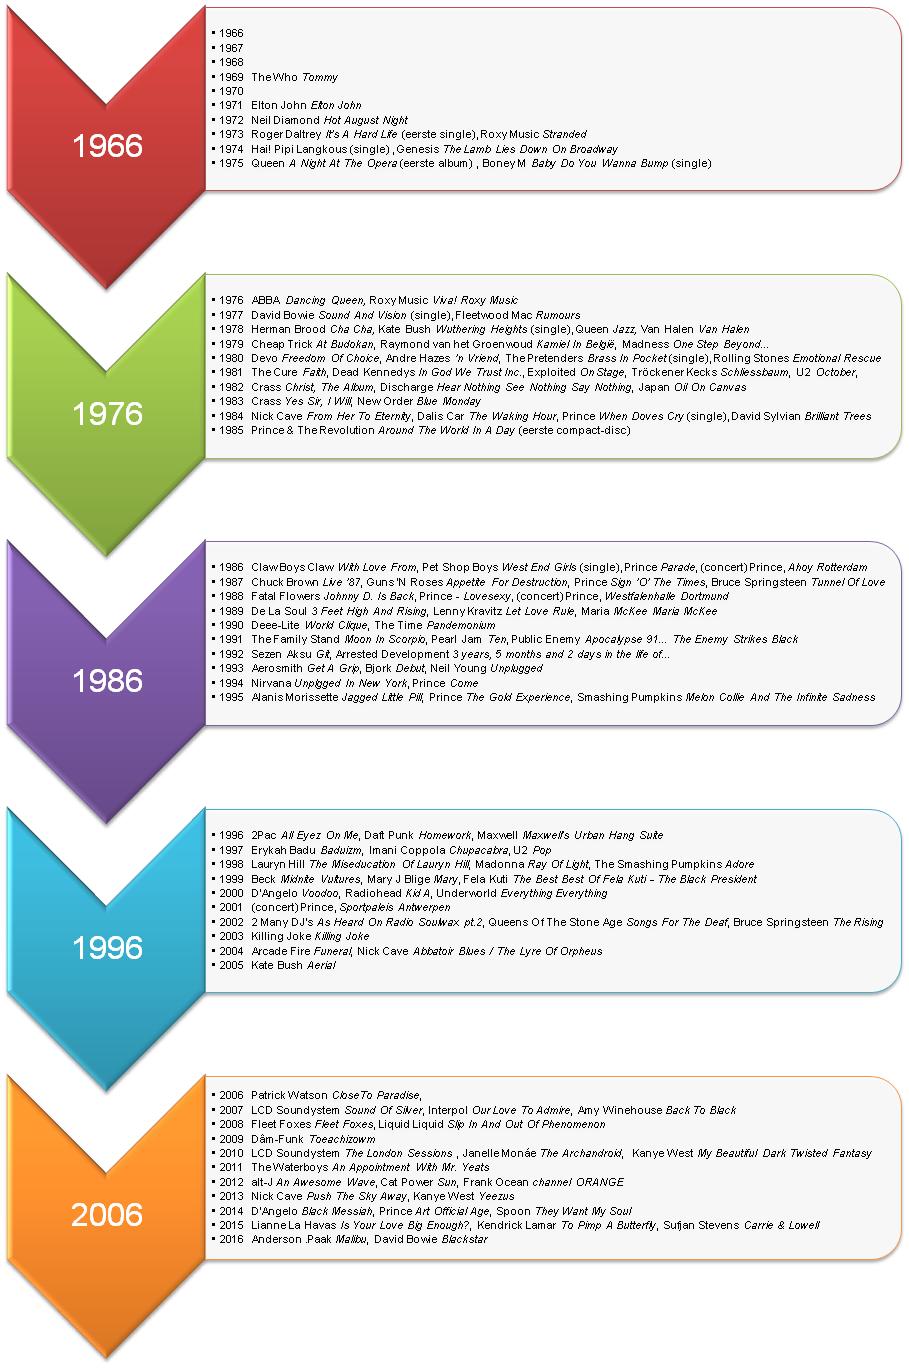 Timeline Erwin 1966-2016 (apoplife.nl)